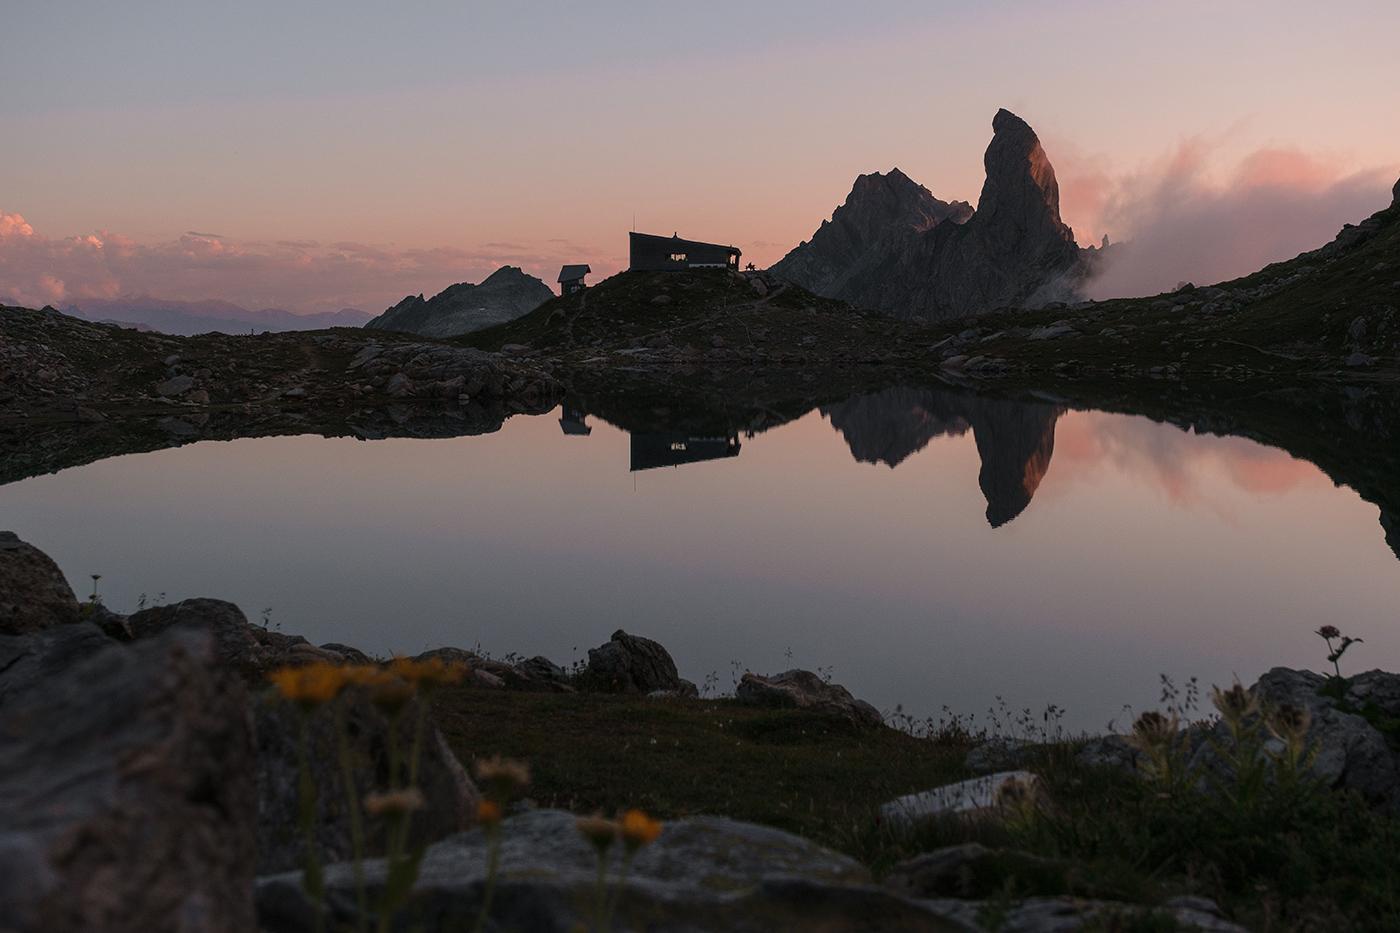 Reflet du refuge de Presset et de la Pierra Menta dans le lac